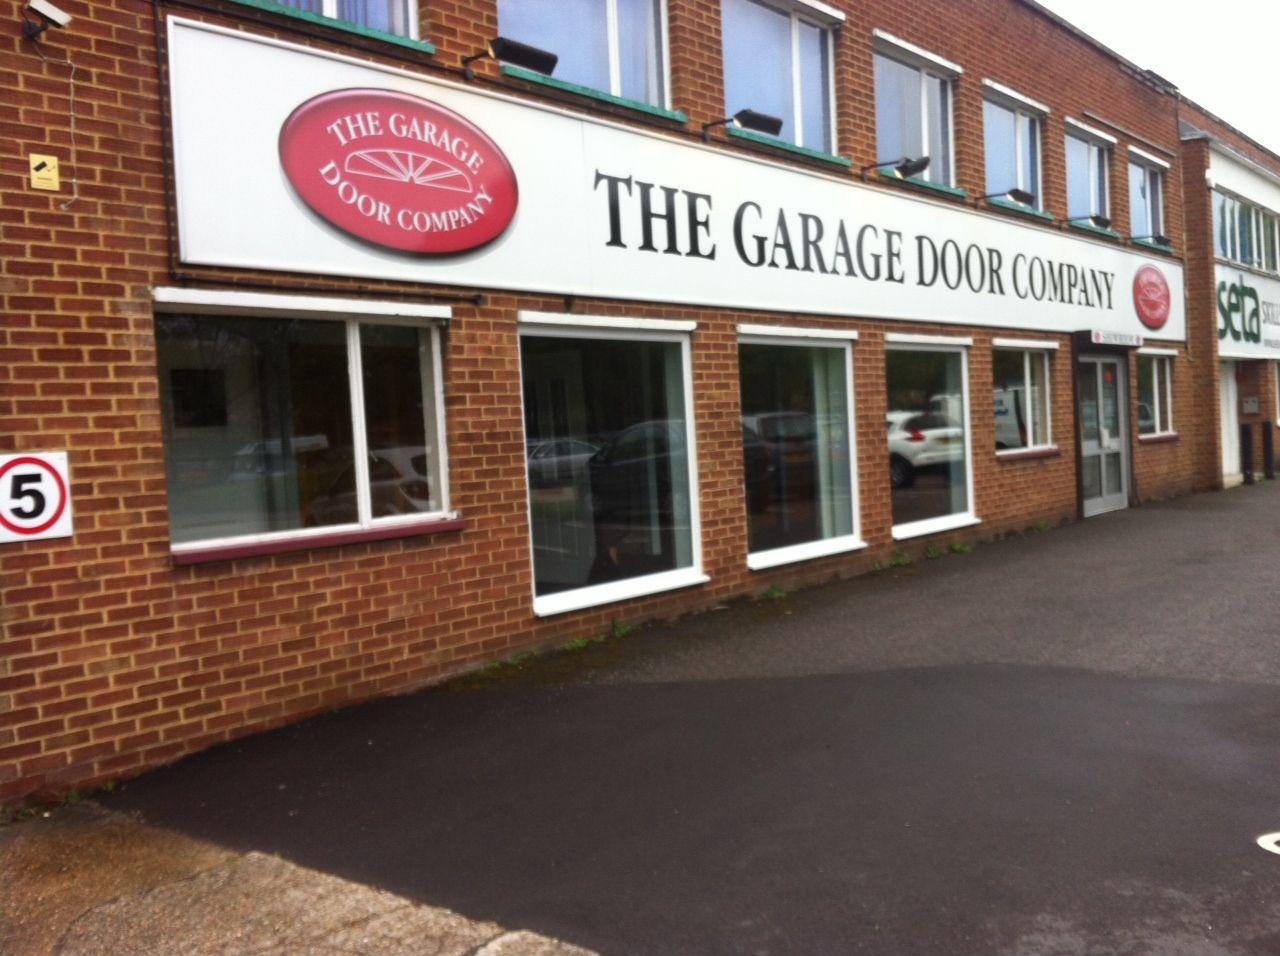 7 Best The Garage Door Company Showrooms Images On Pinterest | Carriage  Doors, Door Companies And Garage Doors